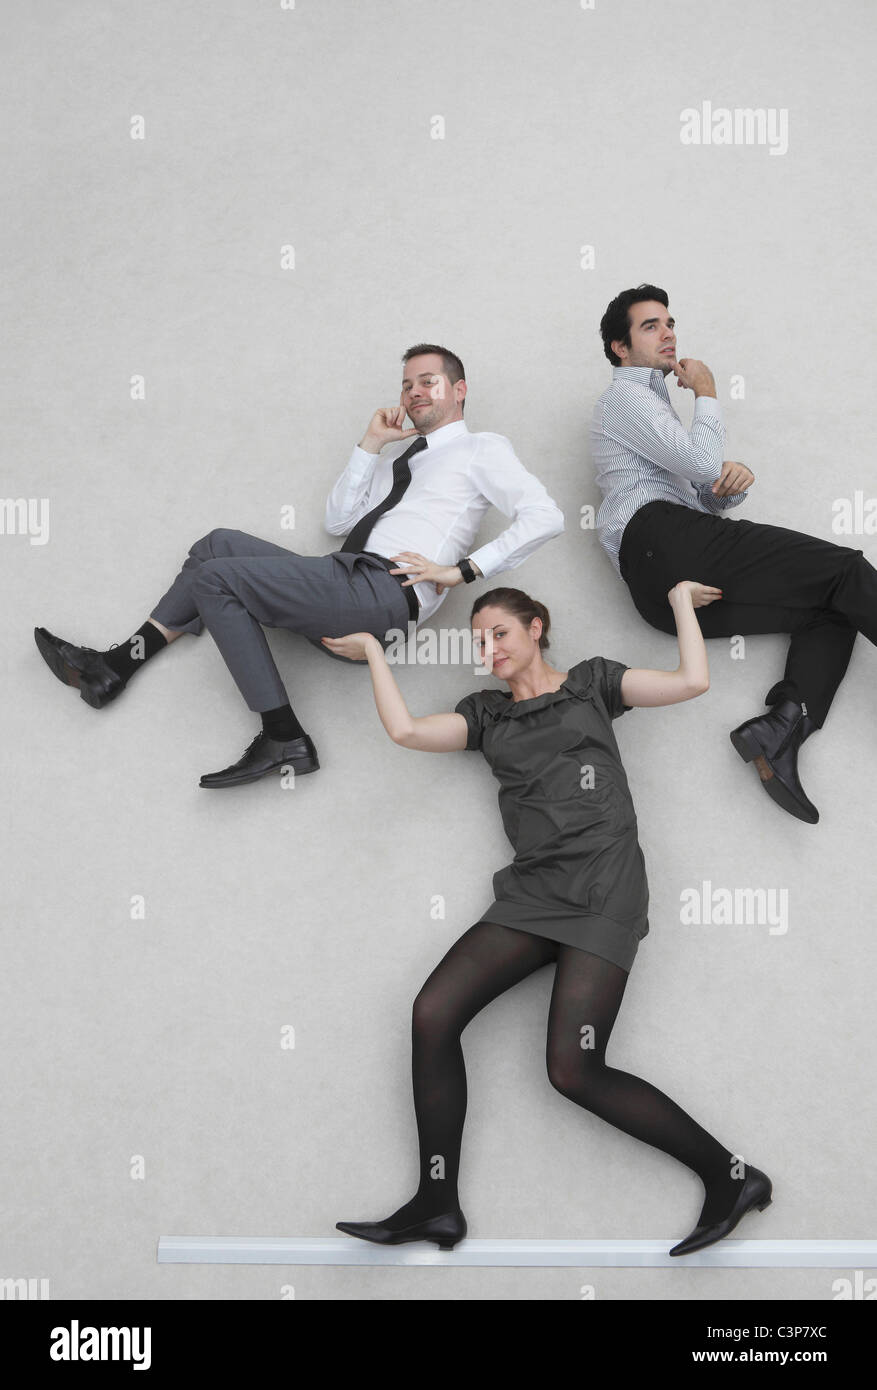 Businesswoman levée deux collègues, smiling, portrait, elevated view Photo Stock